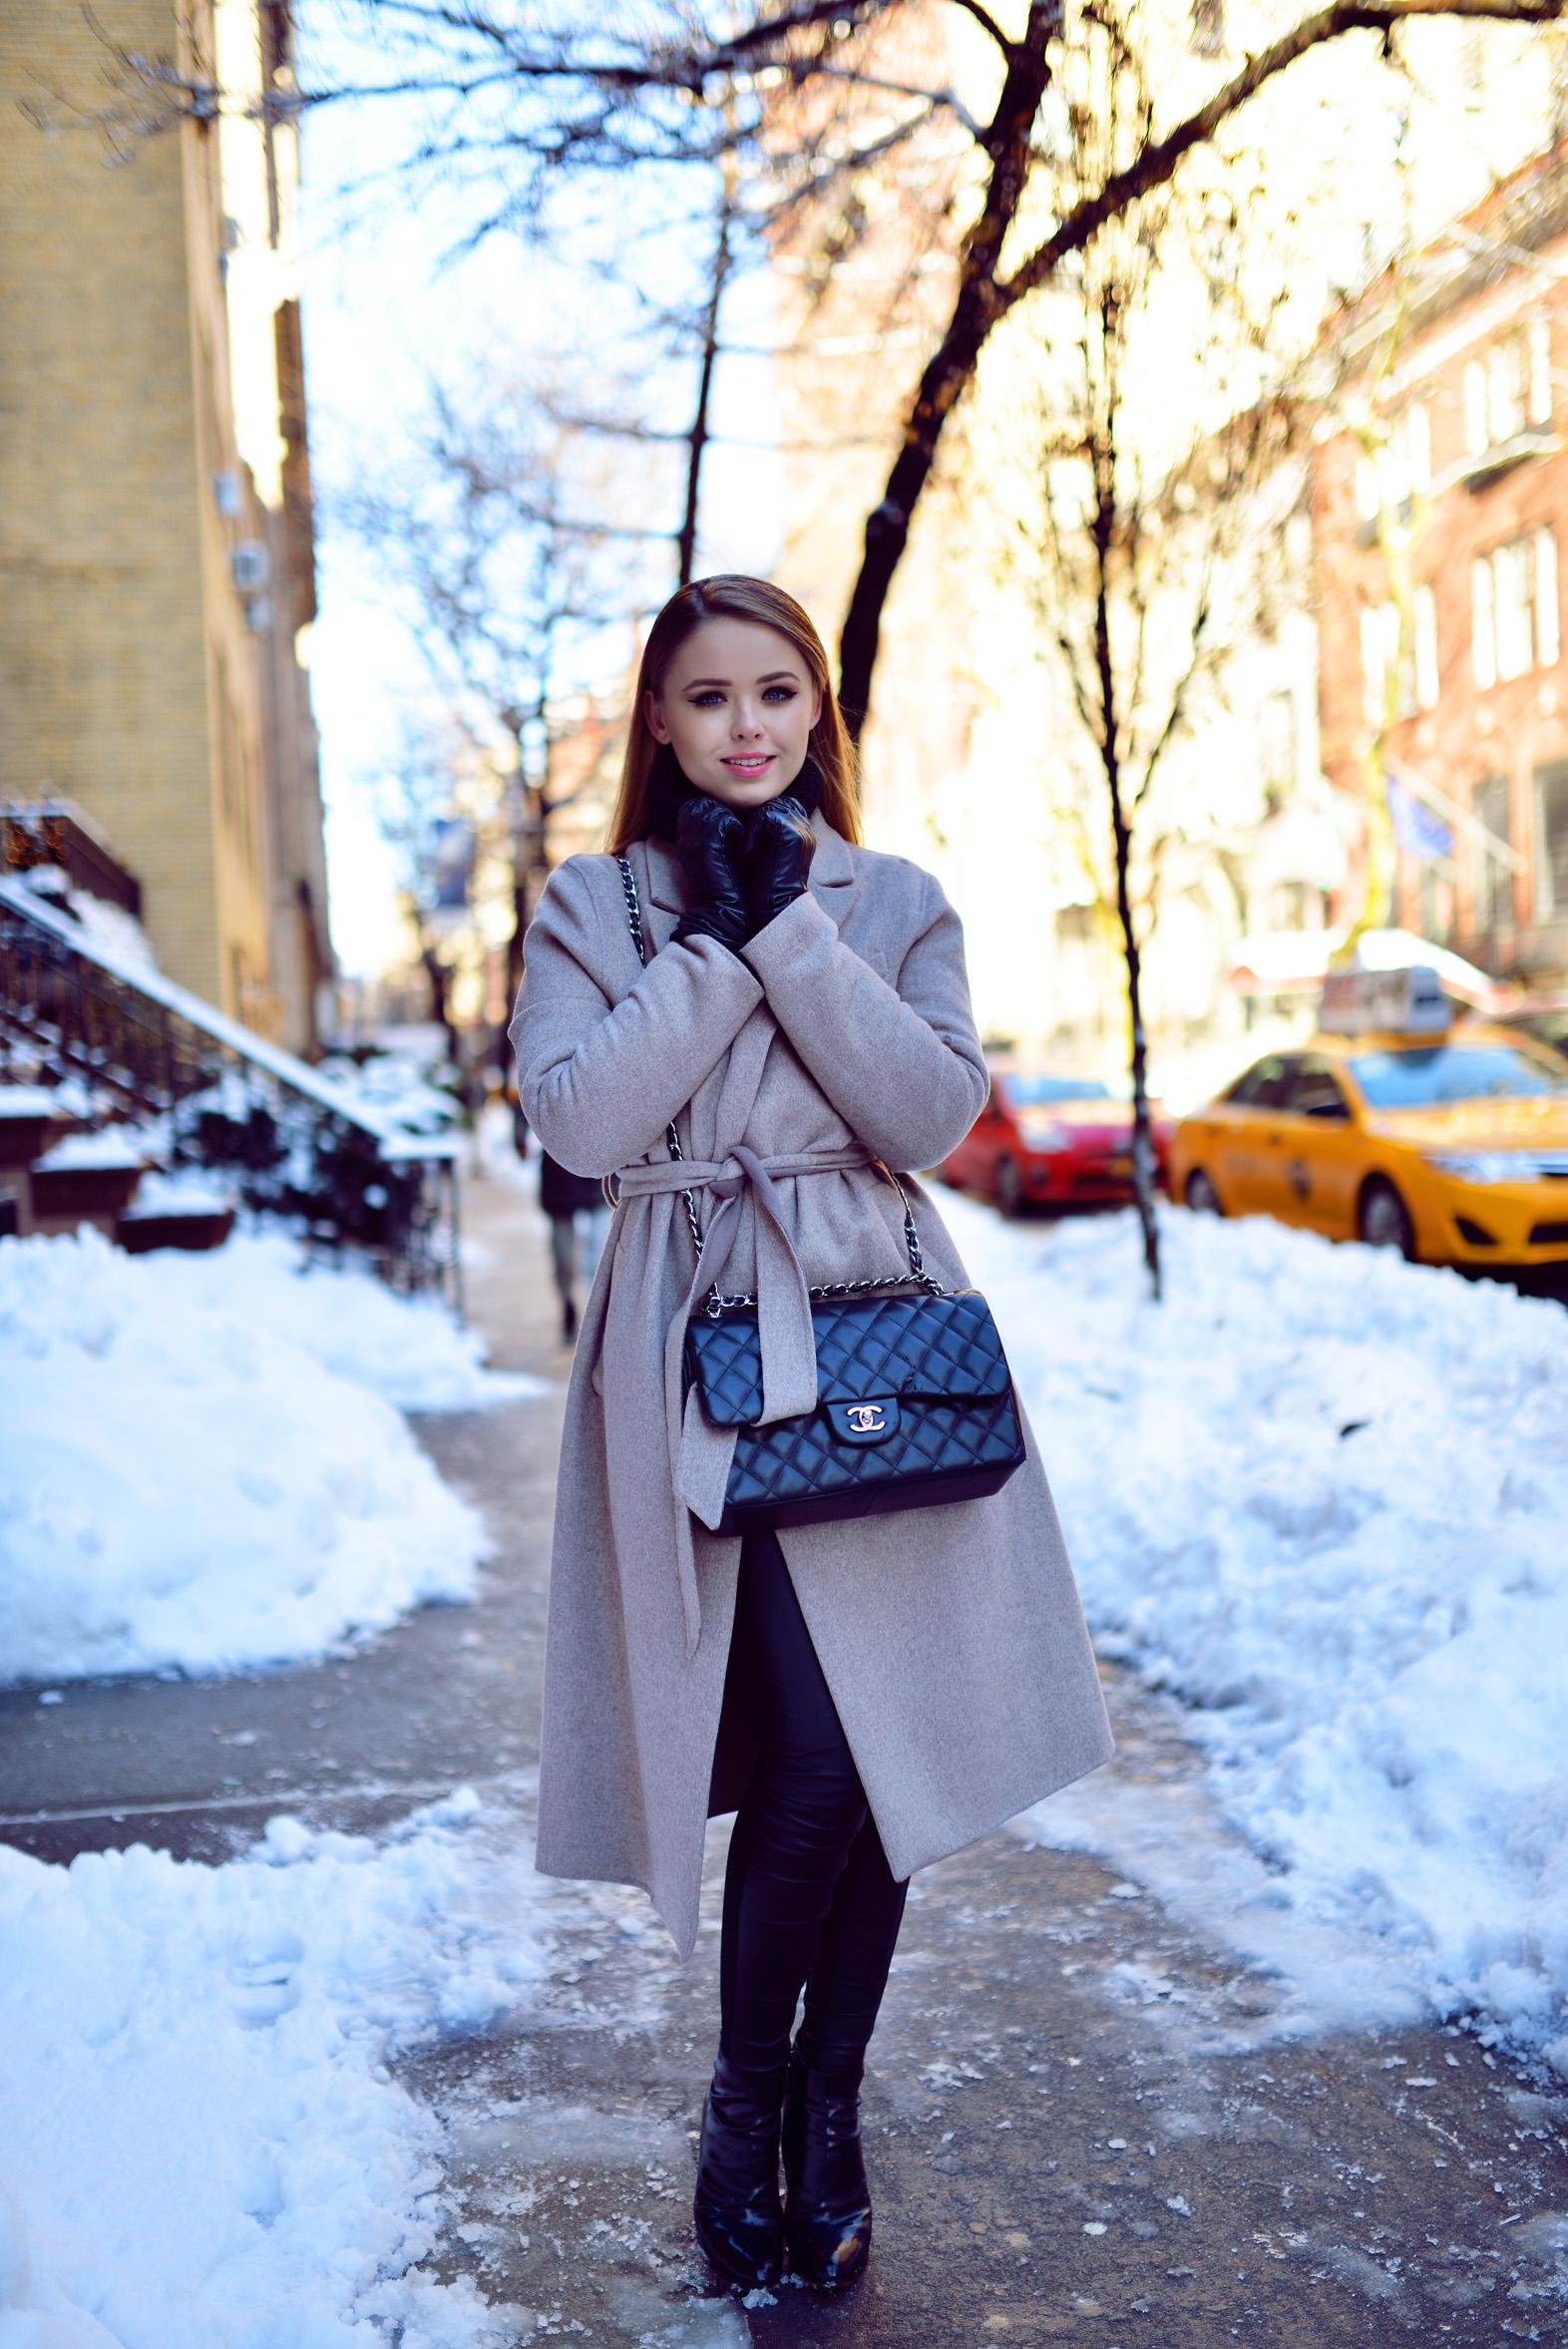 kristina.bazan_.kayture.new_.york_.003.jpg